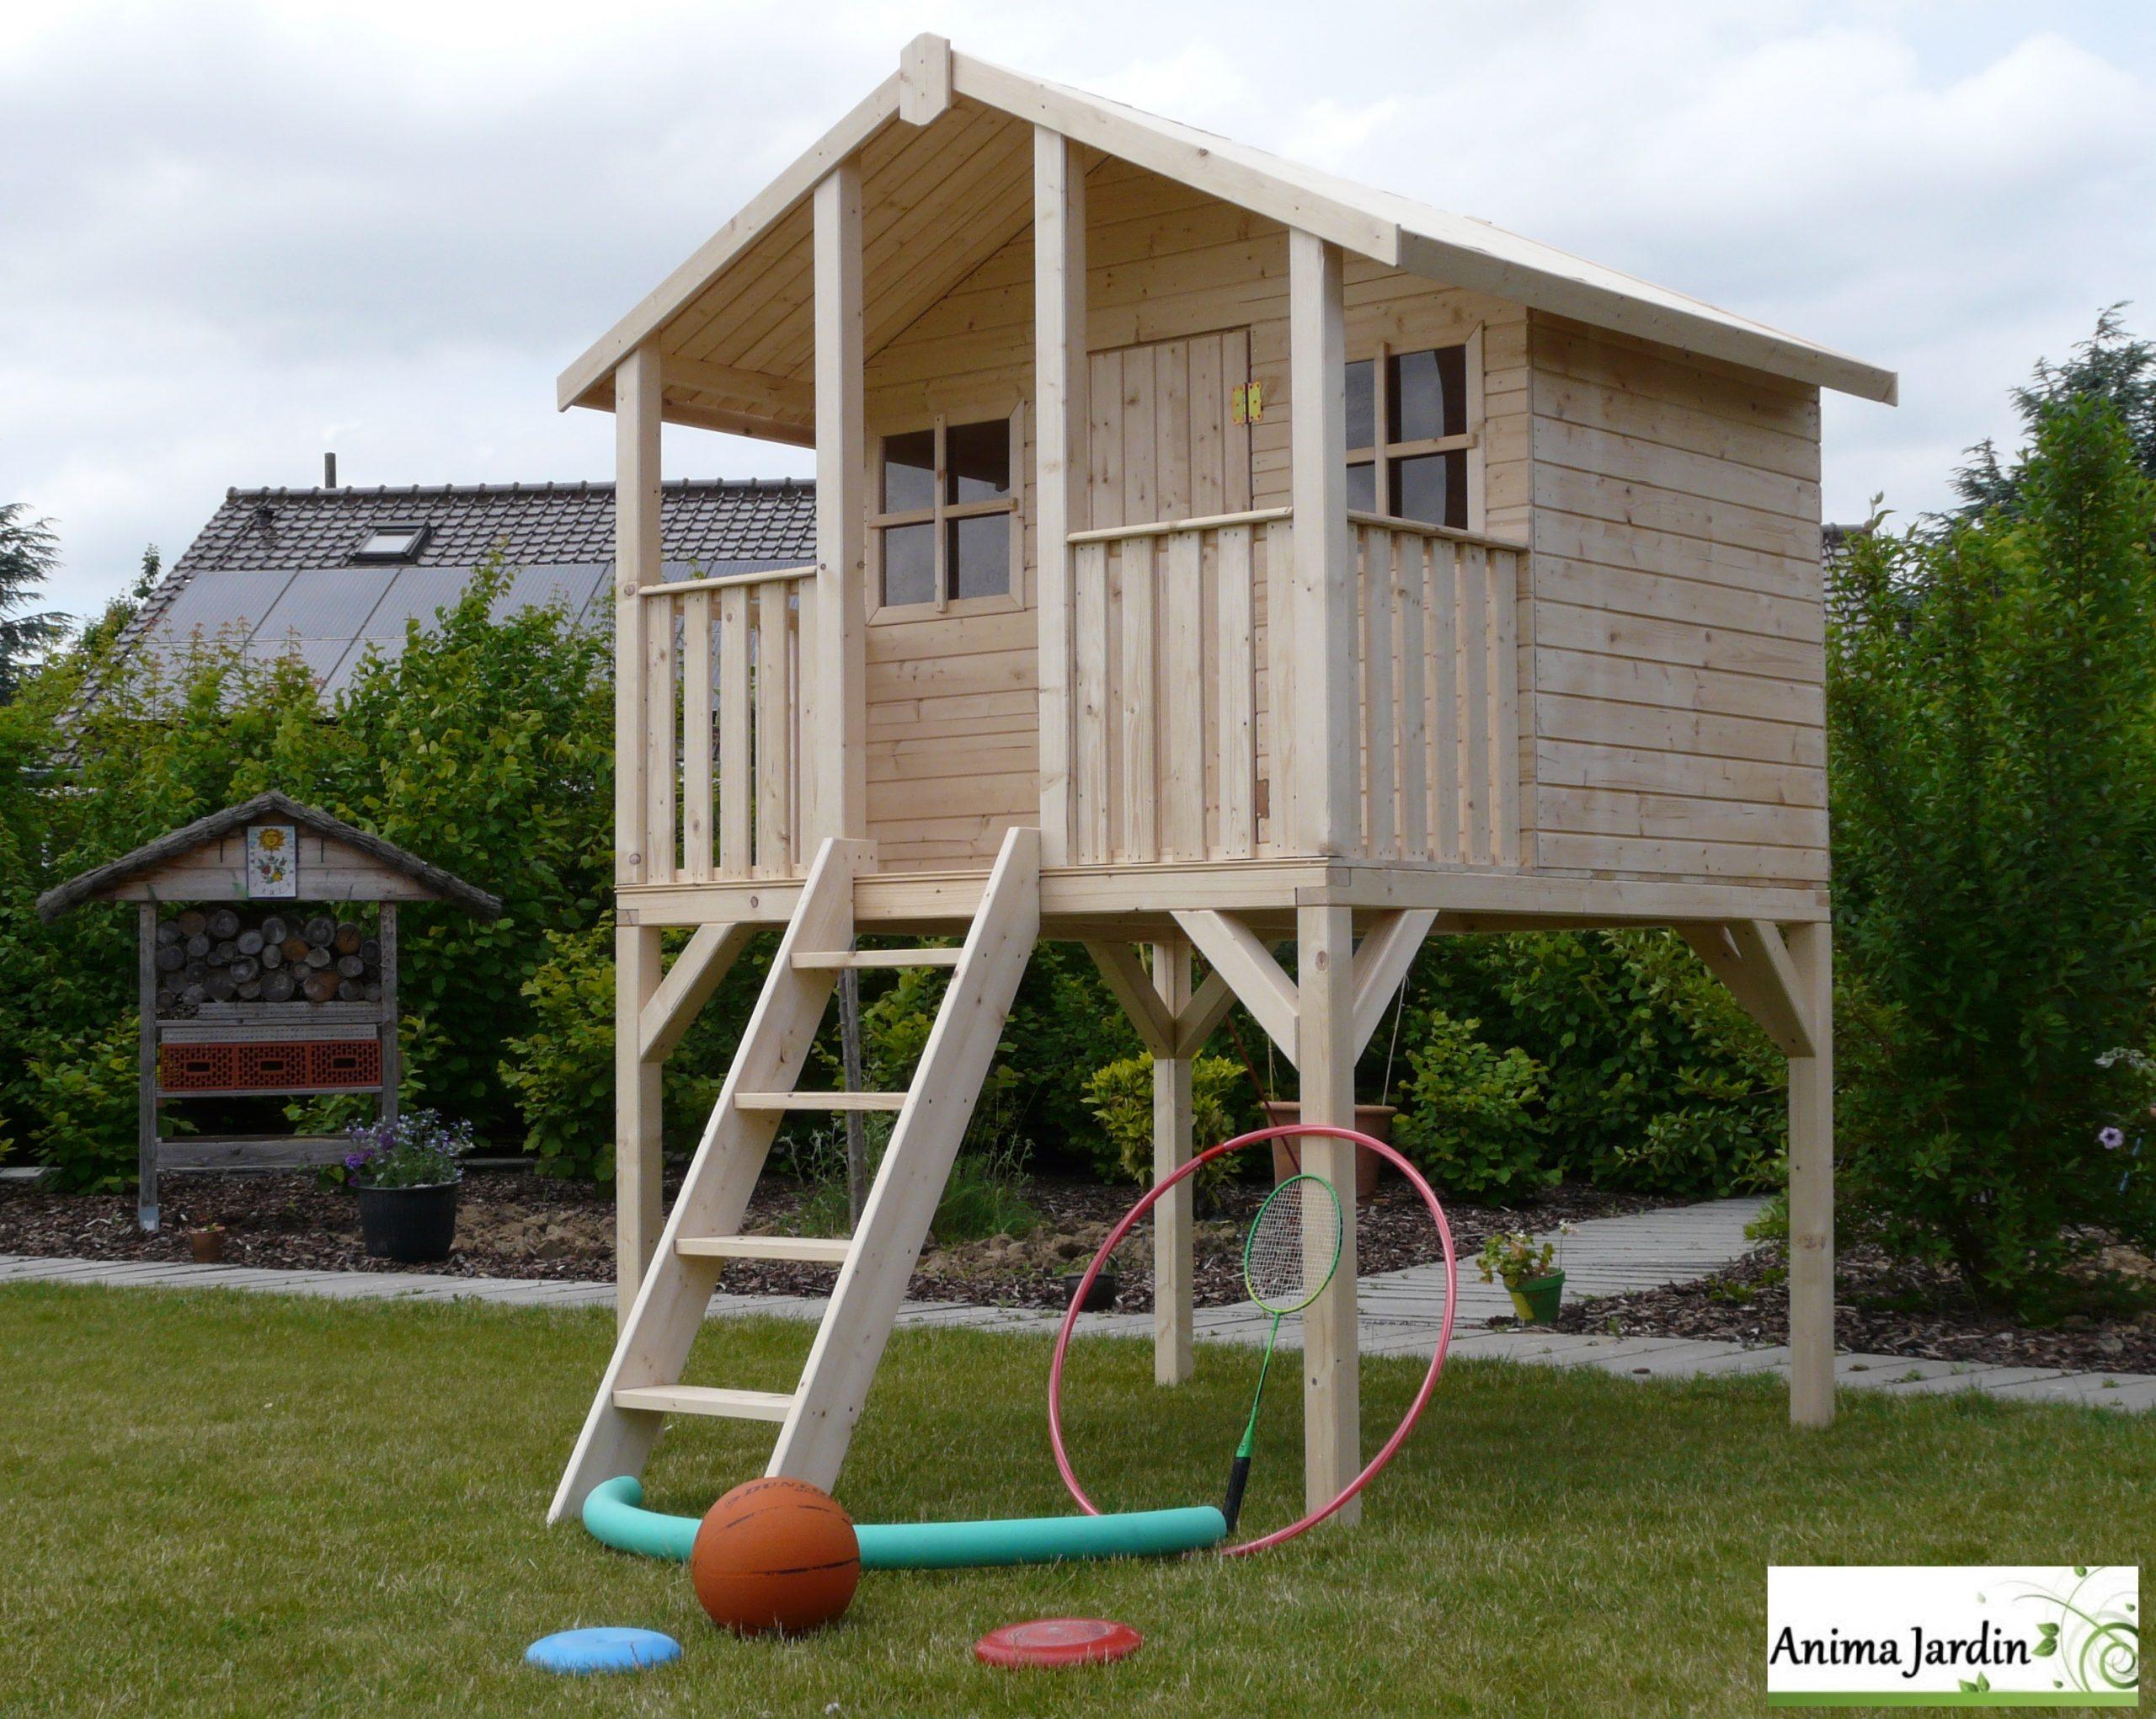 Cabane En Bois Surélevée Sur Pilotis, 3M², Toit Deux Pentes ... intérieur Cabane De Jardin Enfant Bois